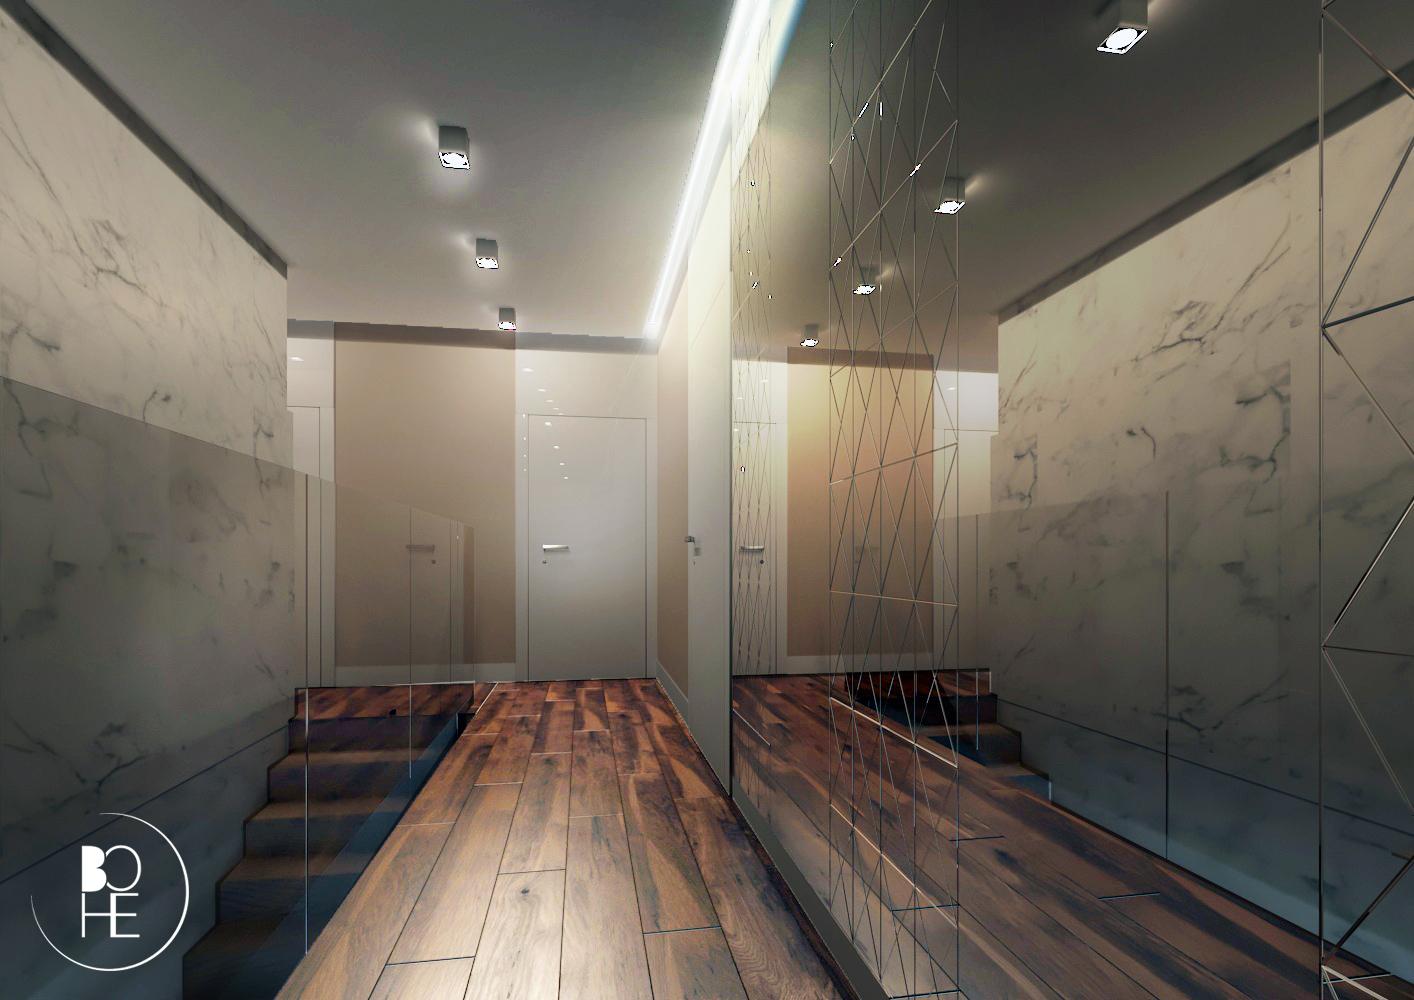 Projekt korytarza na pierwszym piętrze domu jednorodzinnego w Białymstoku z drewnianą podłogą i frezowanymi lustrami